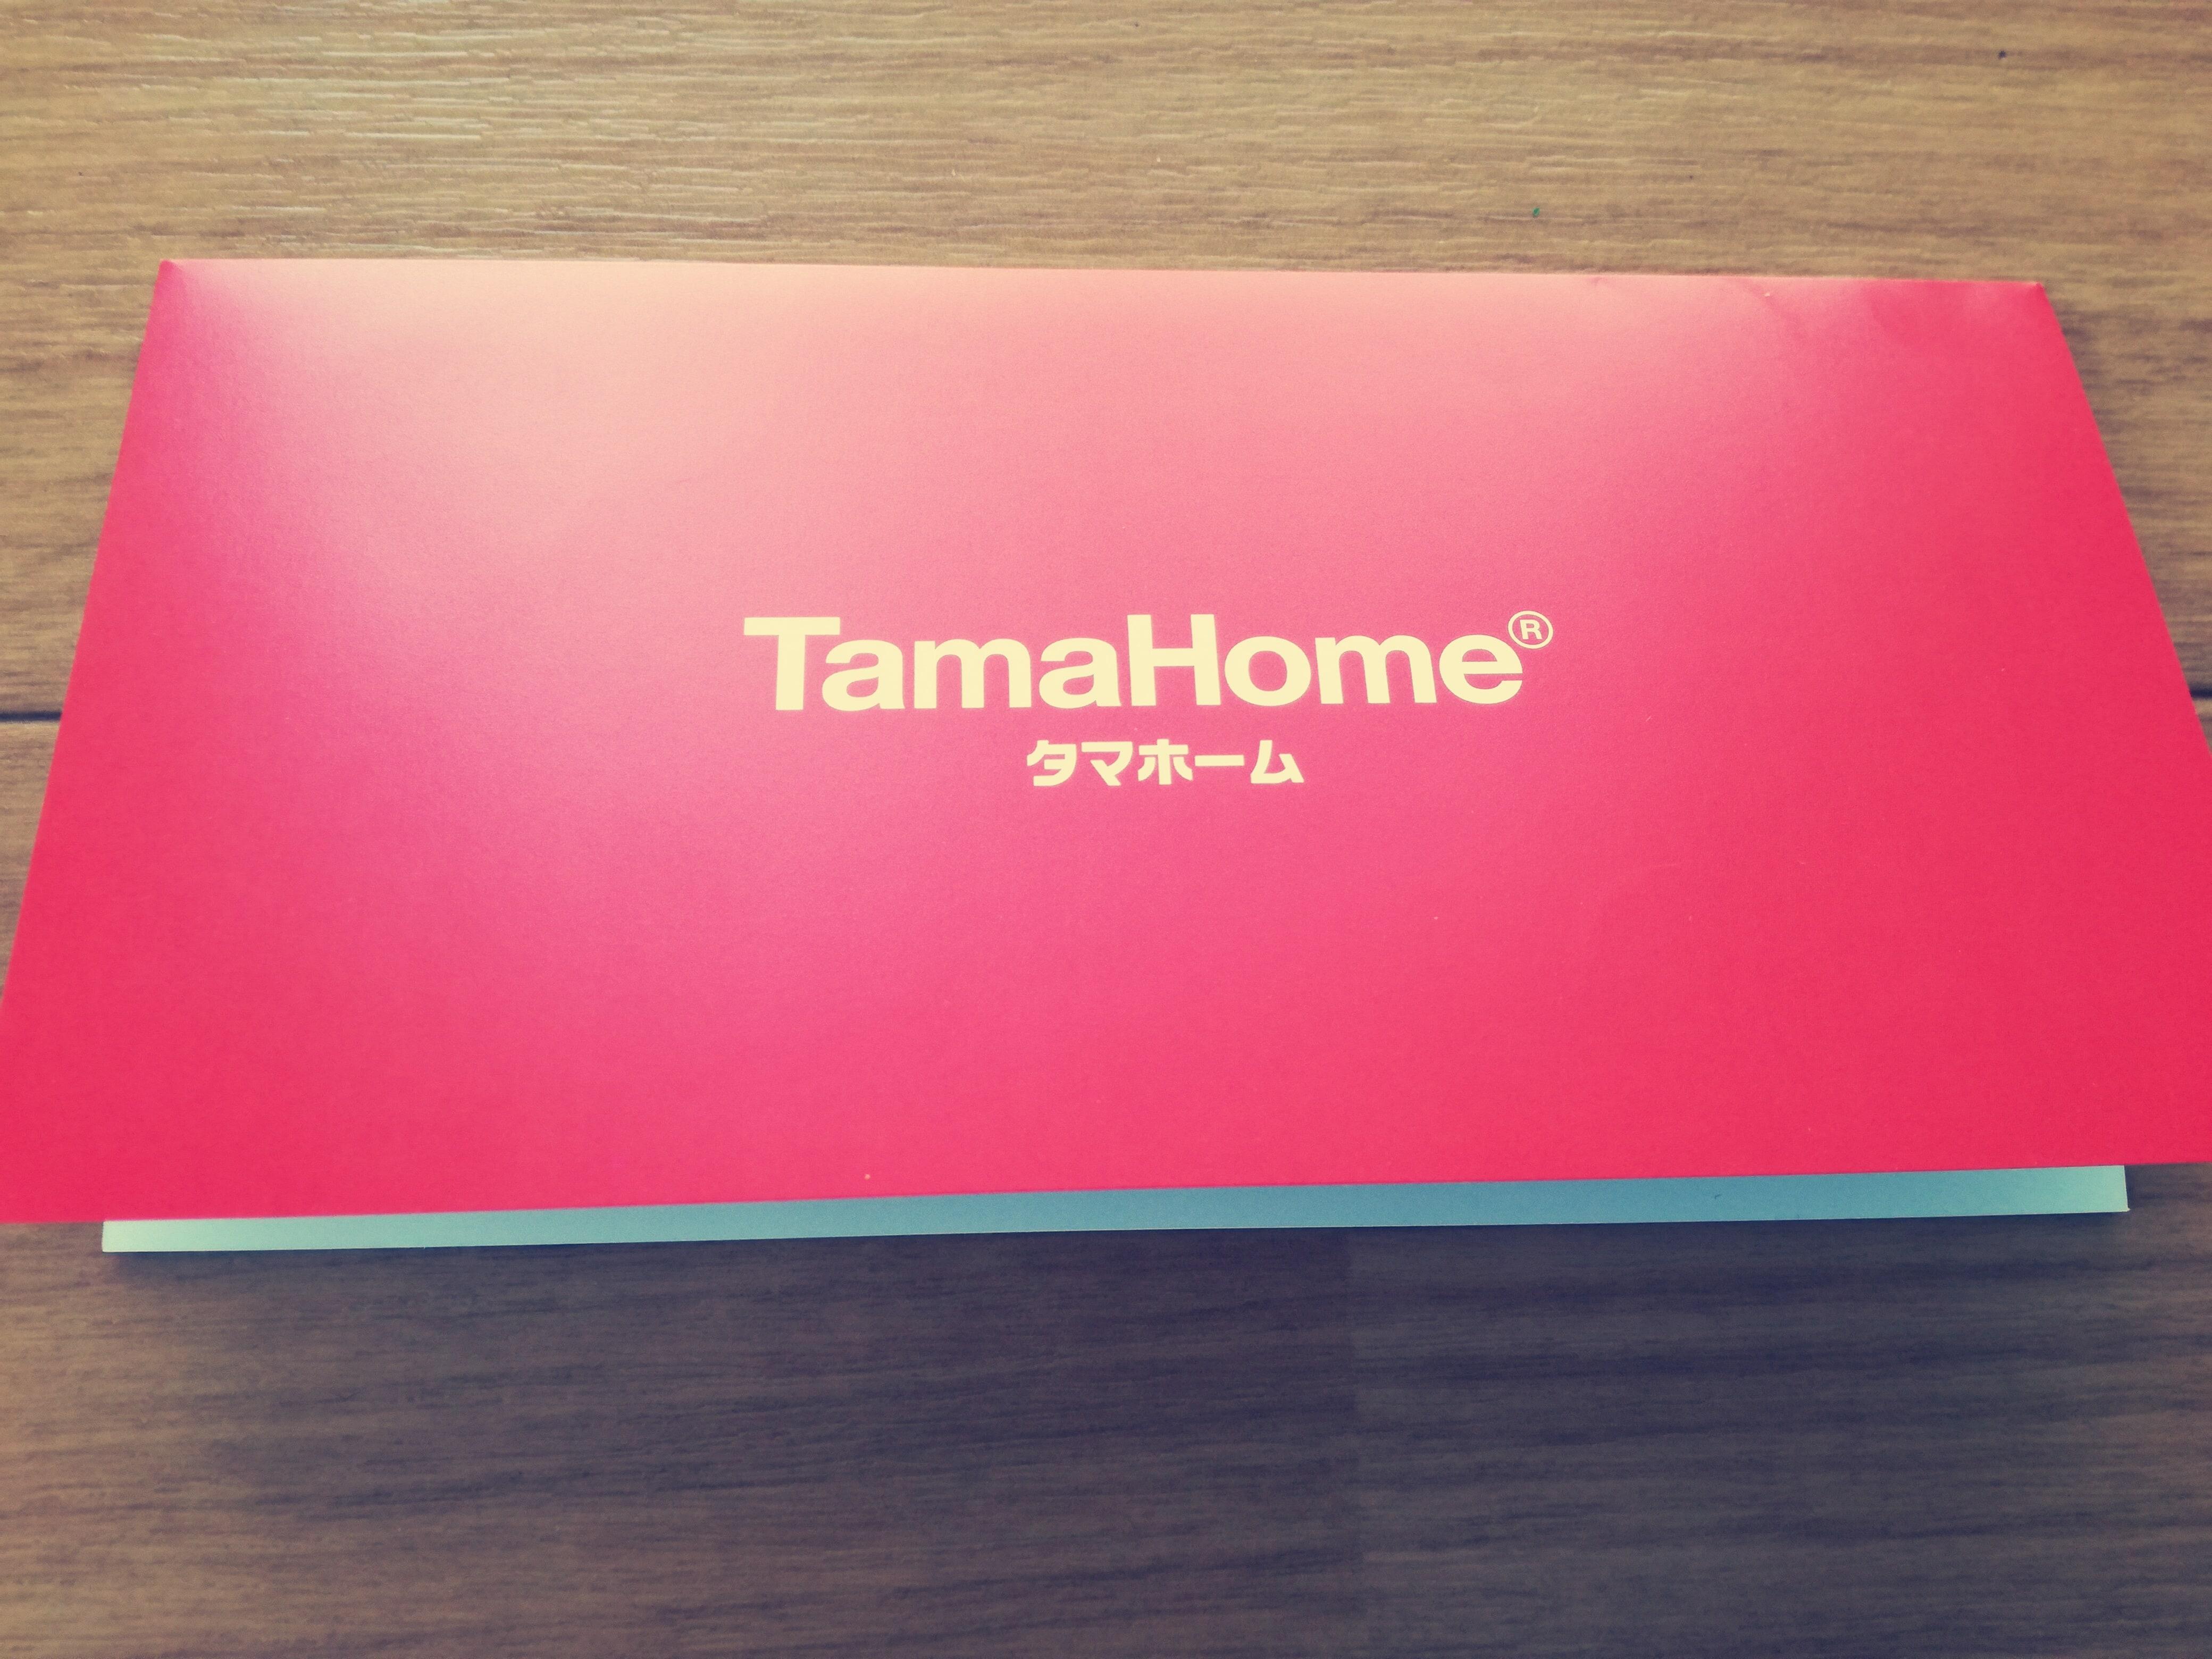 キムタクではなかった!タマホーム(1419)の株主優待クオカード500円が到着!